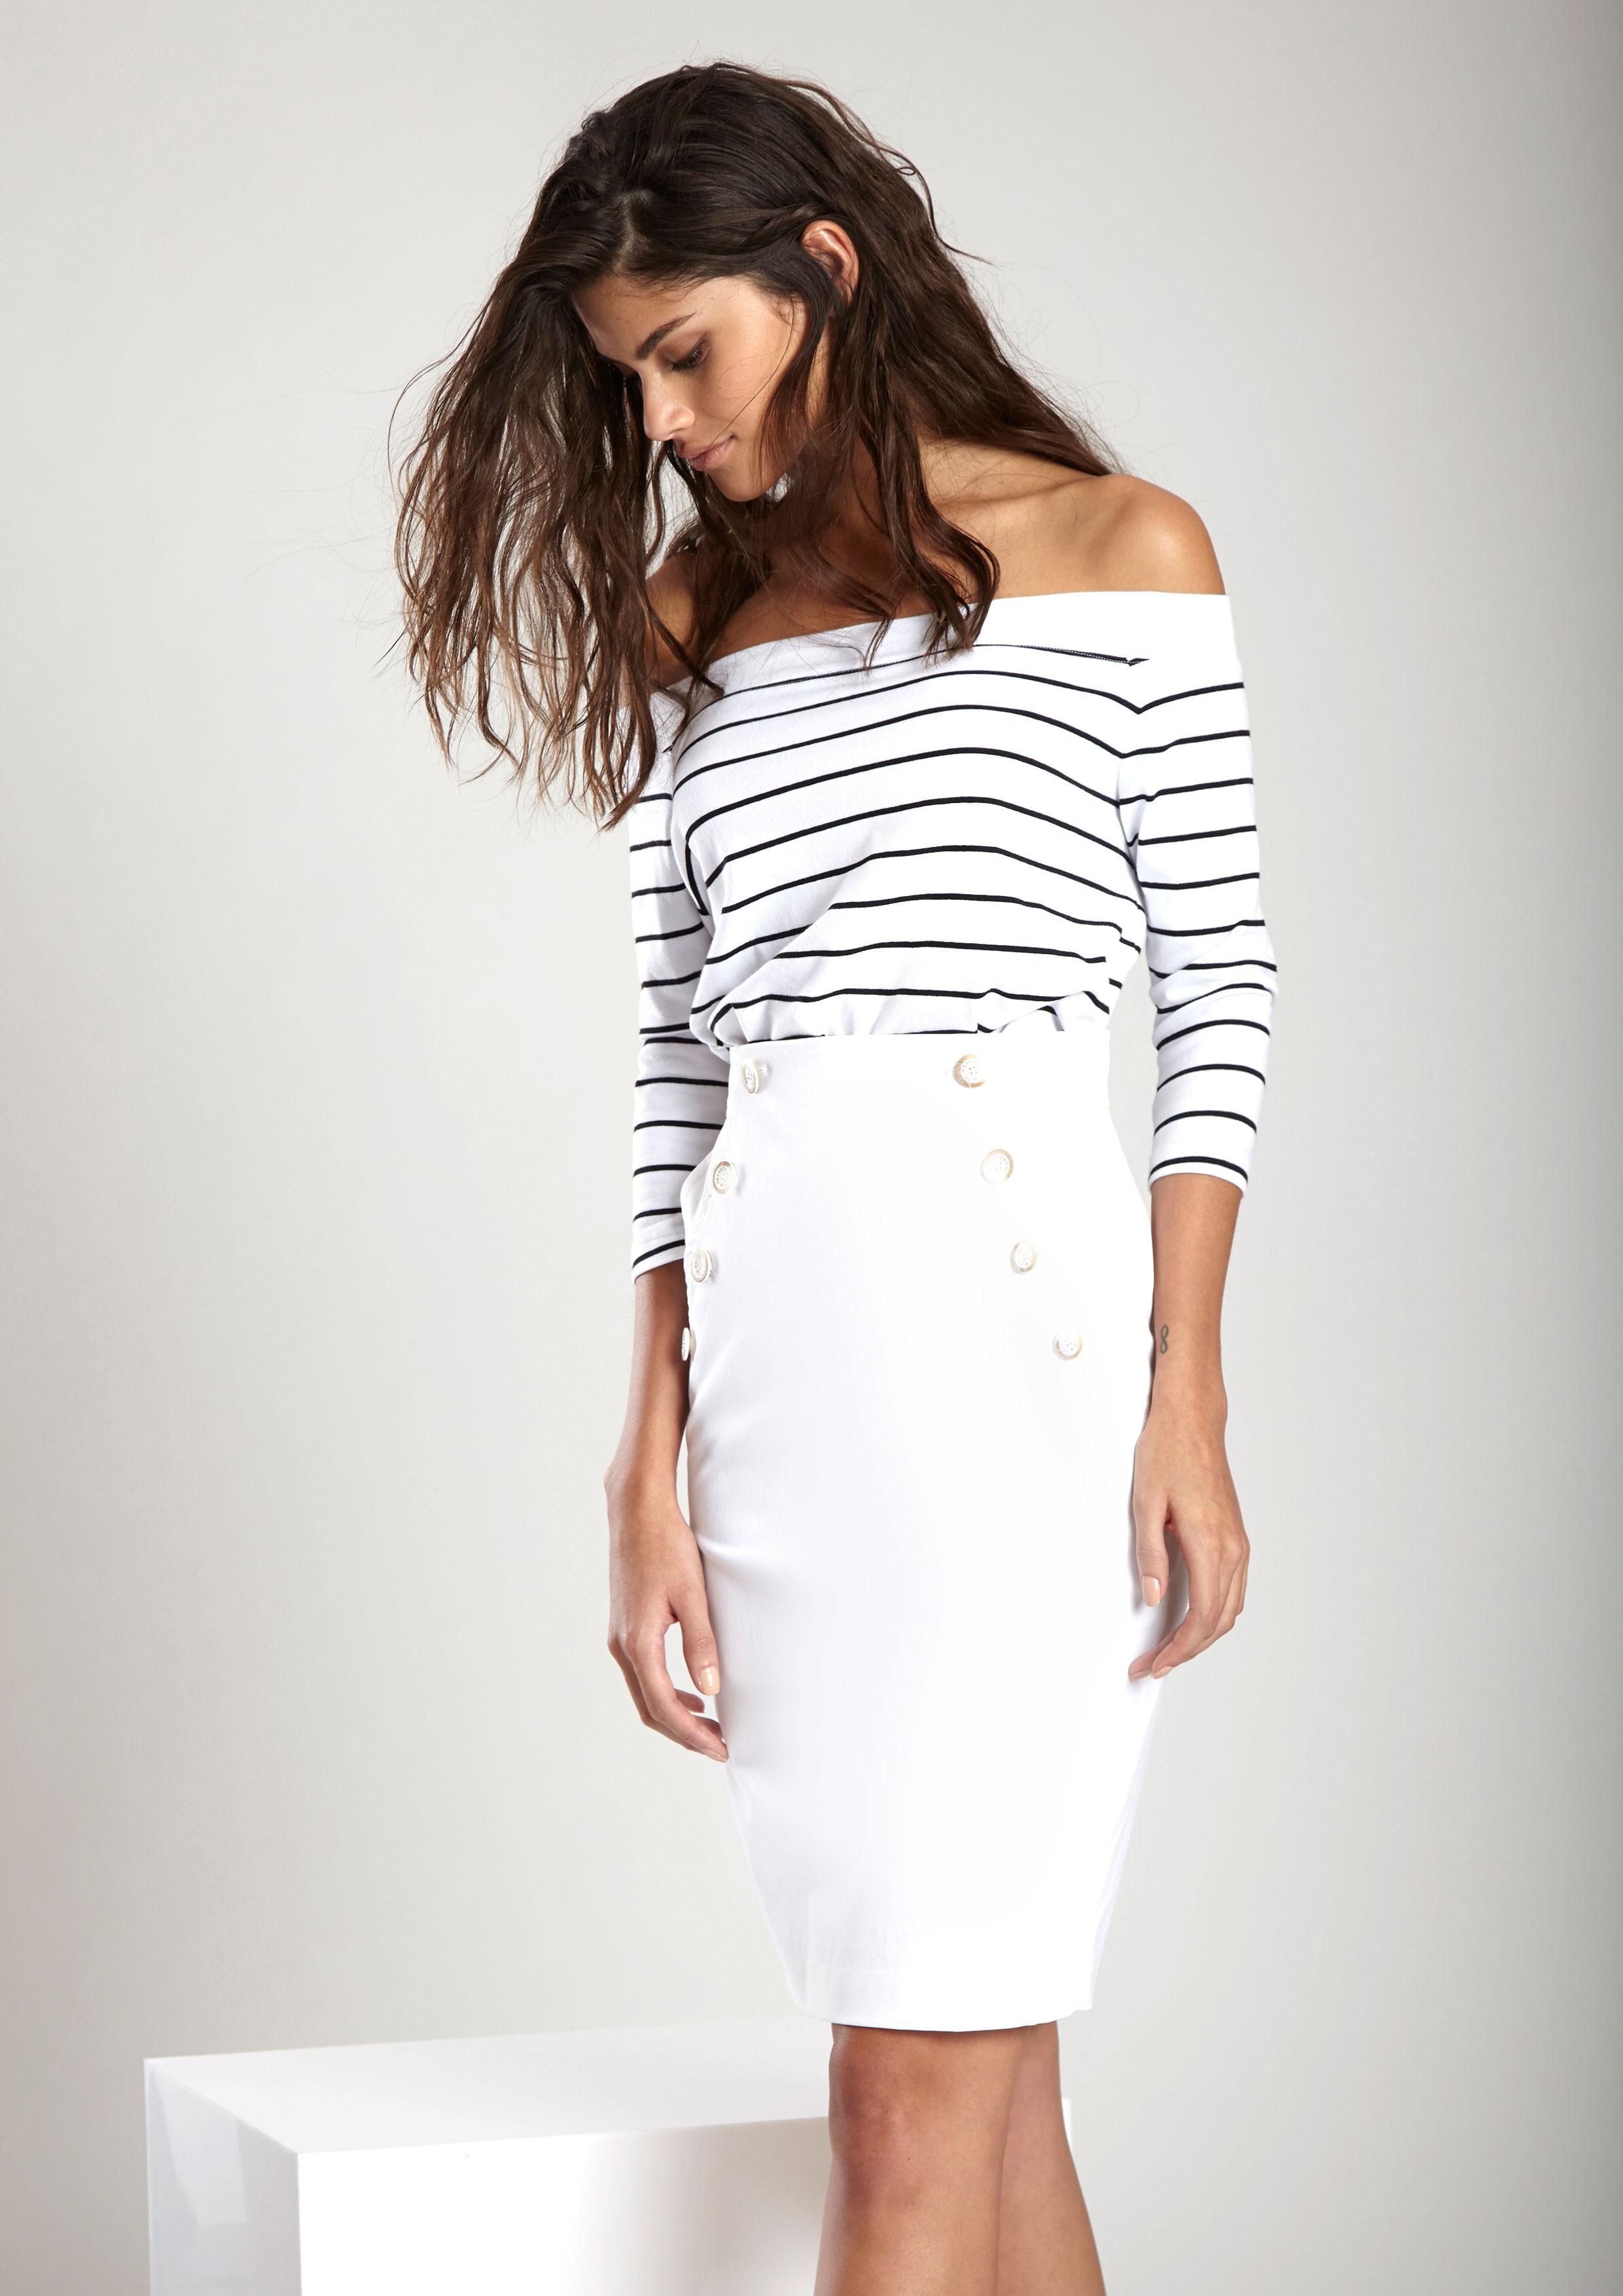 afce308213 Camiseta de estampado rayas blanco y marino